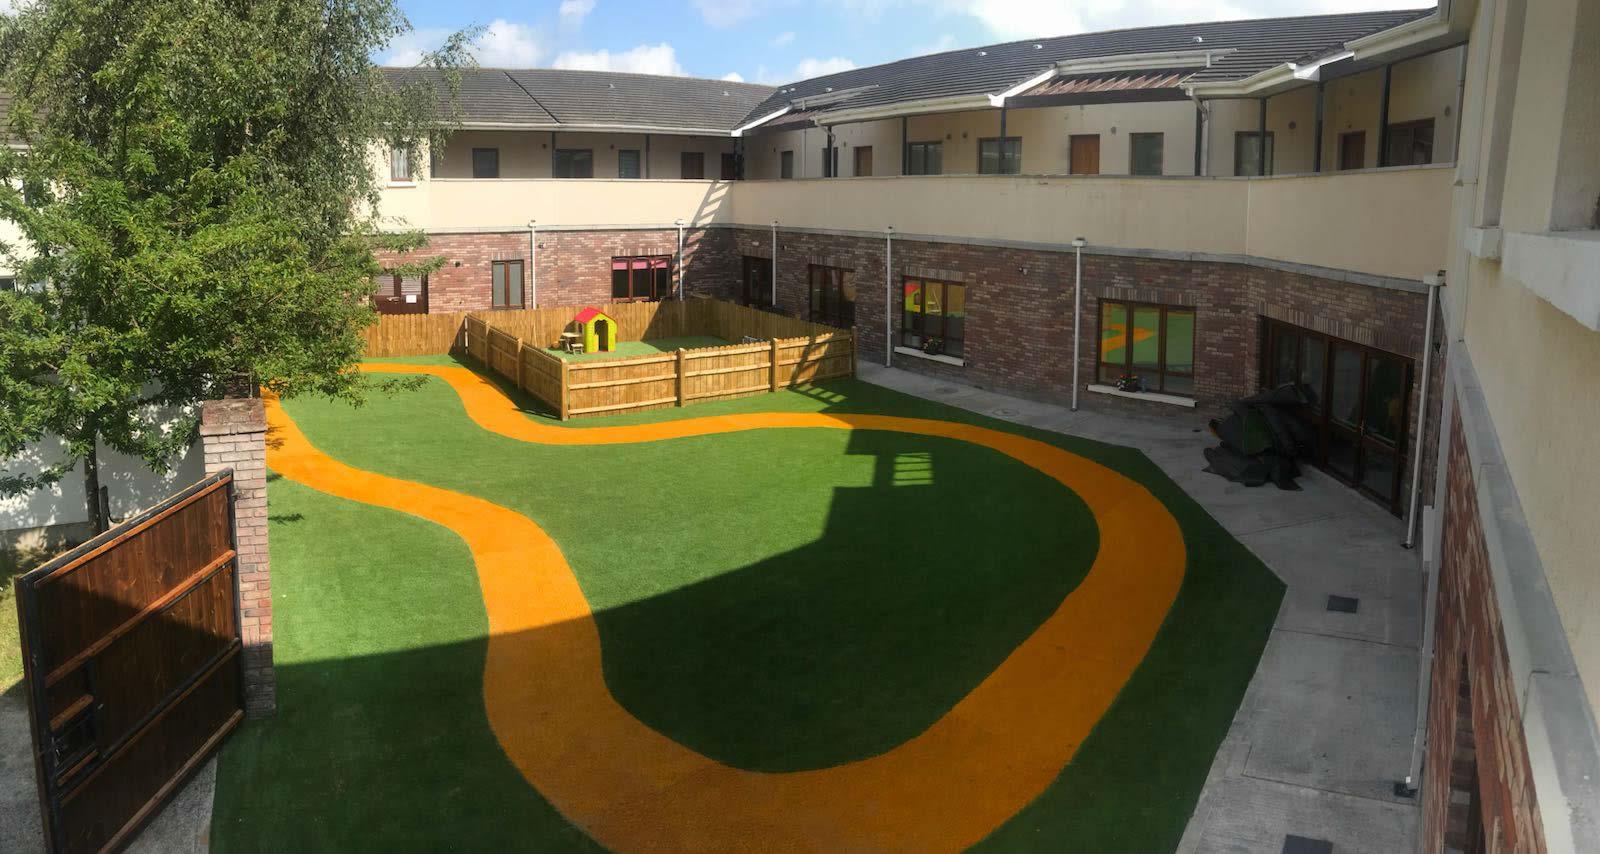 Pugwash Pre School